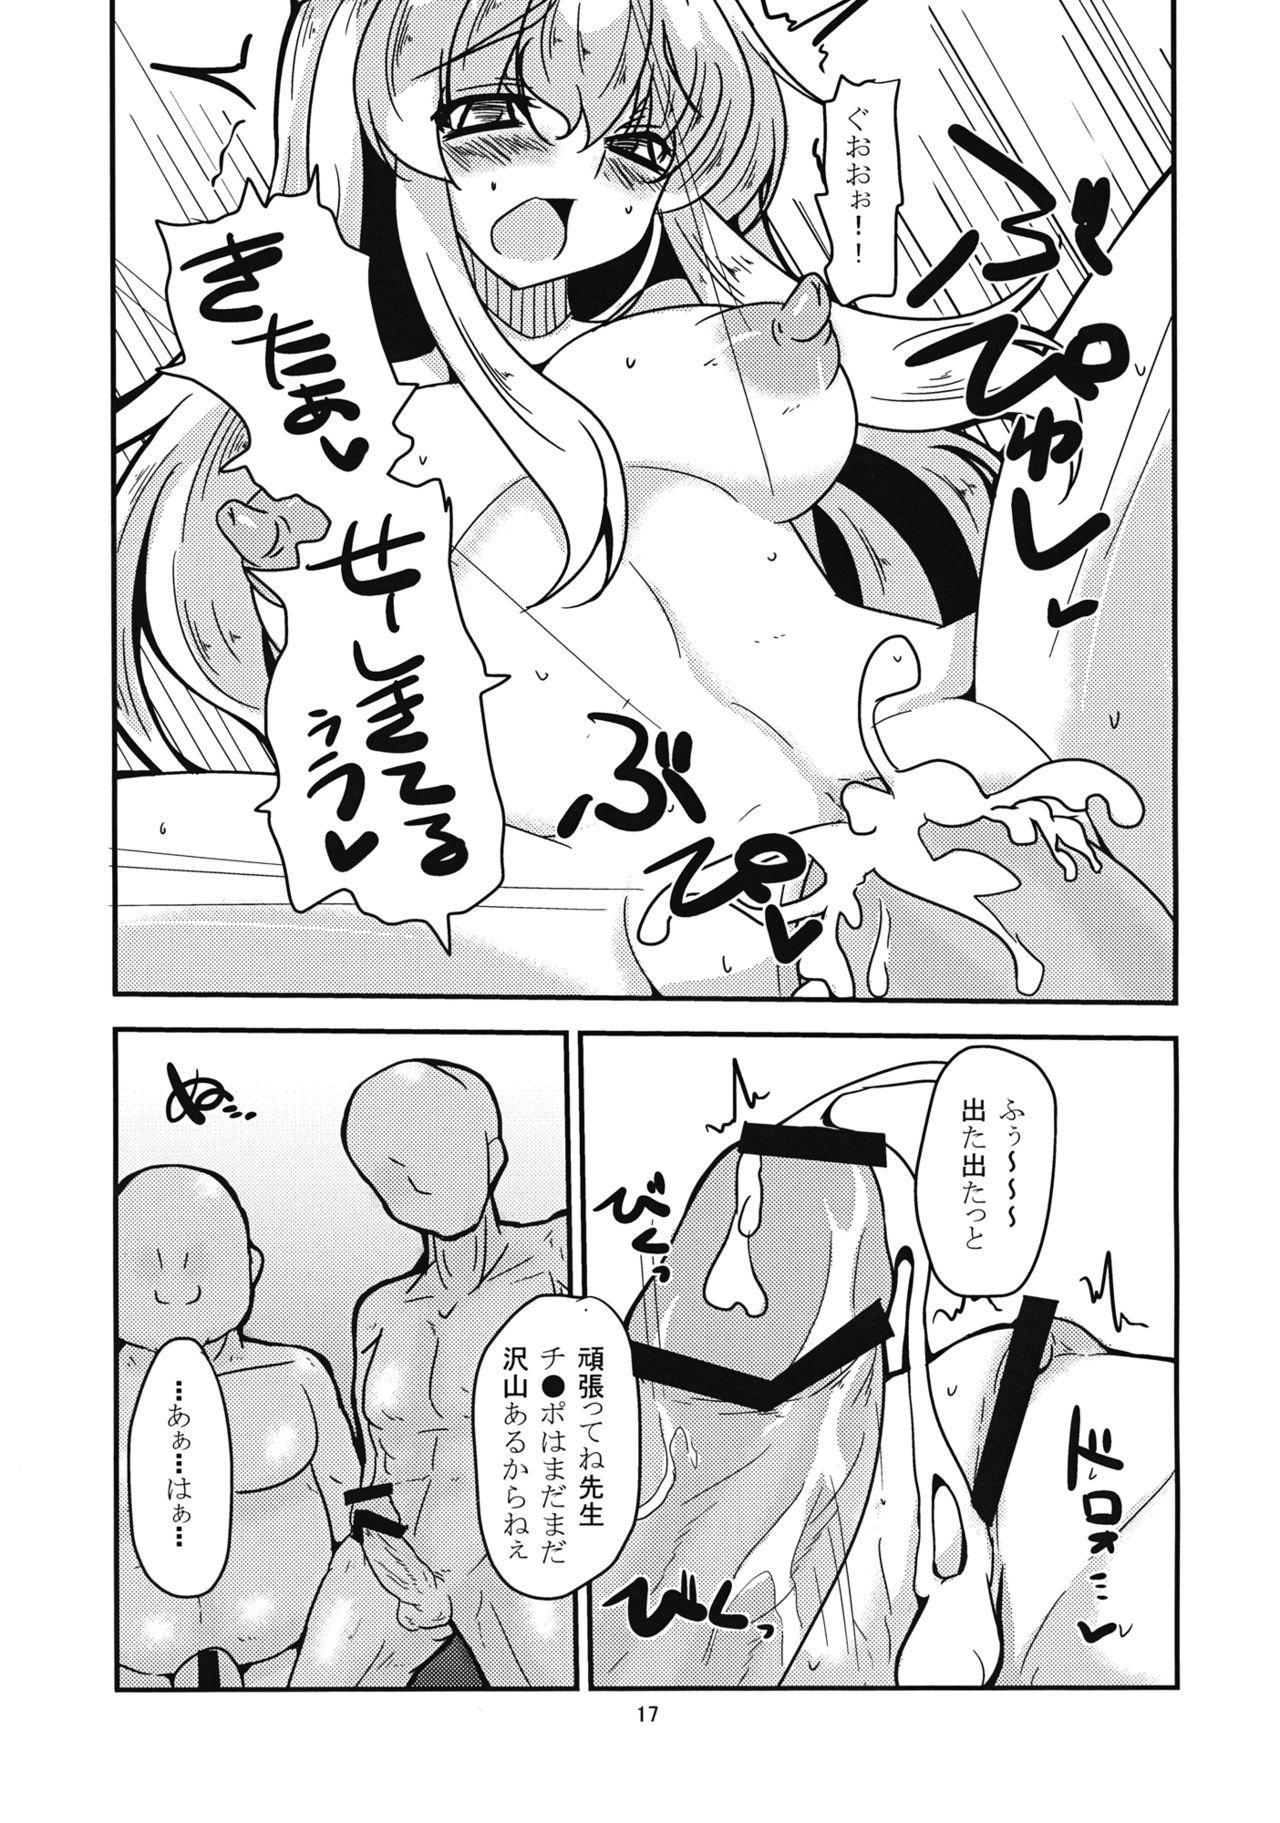 Himitsu no Utage 15